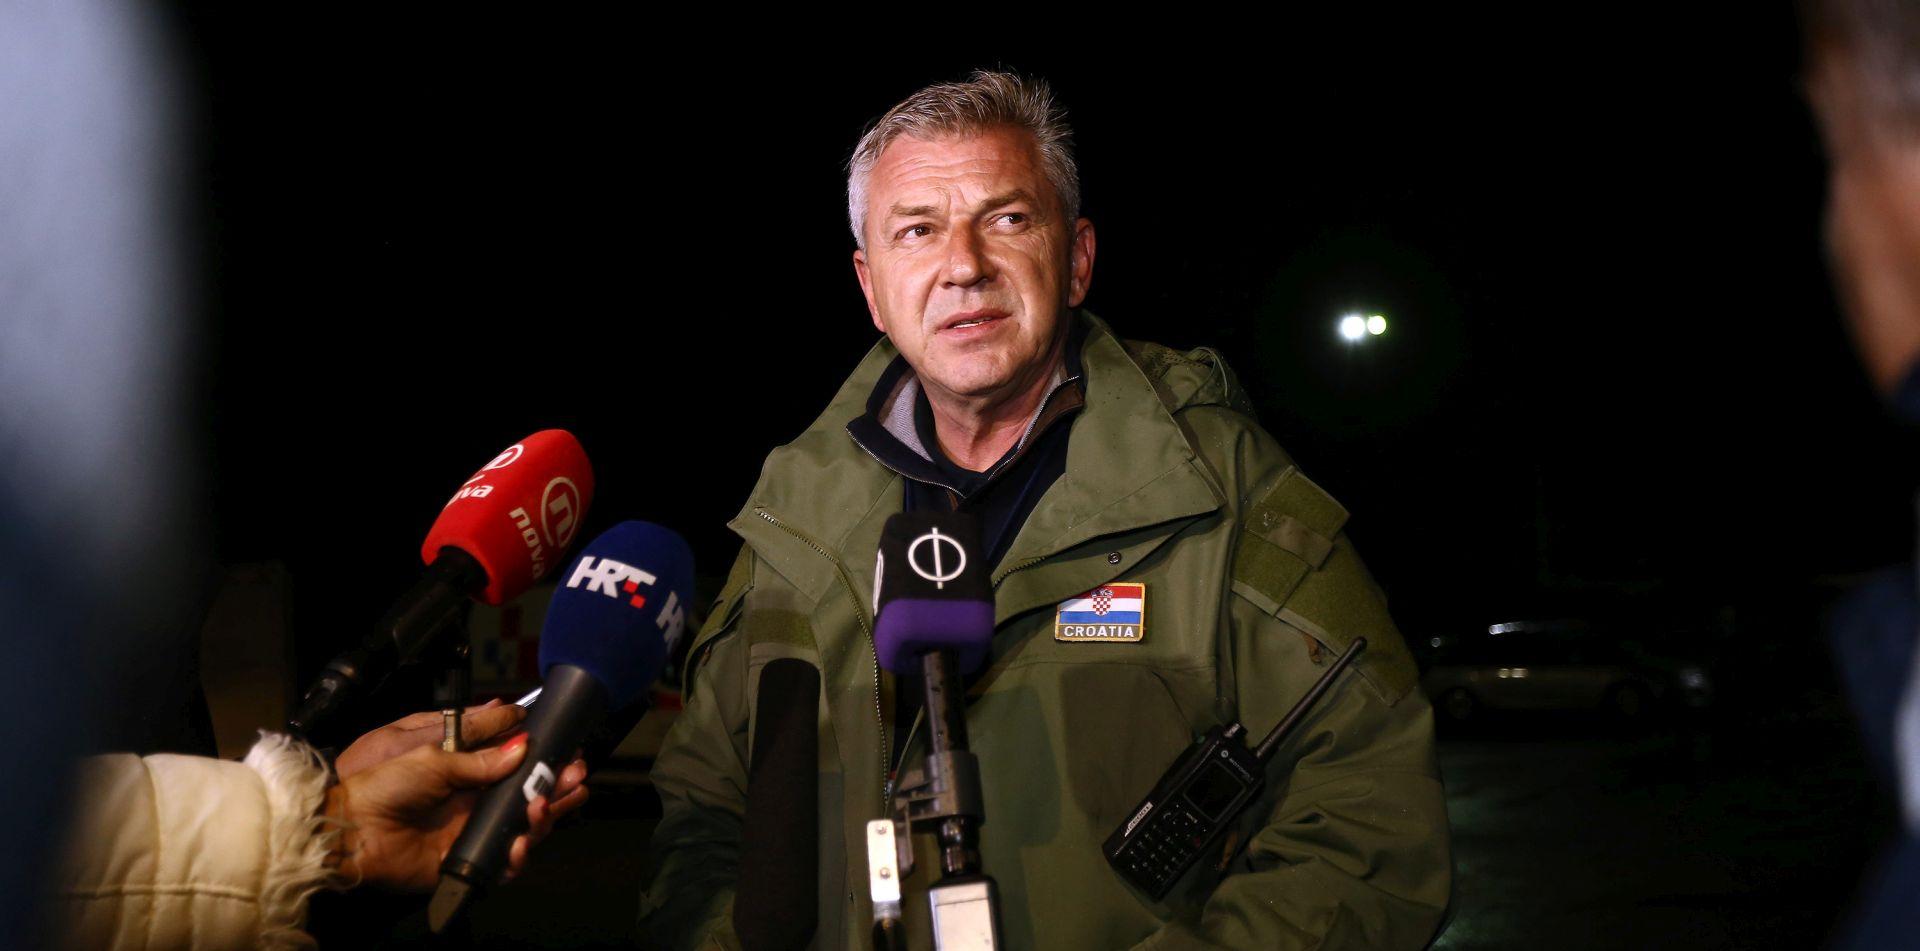 Ostojić: Nema razloga za slovenska ograničenja u primitku migranata